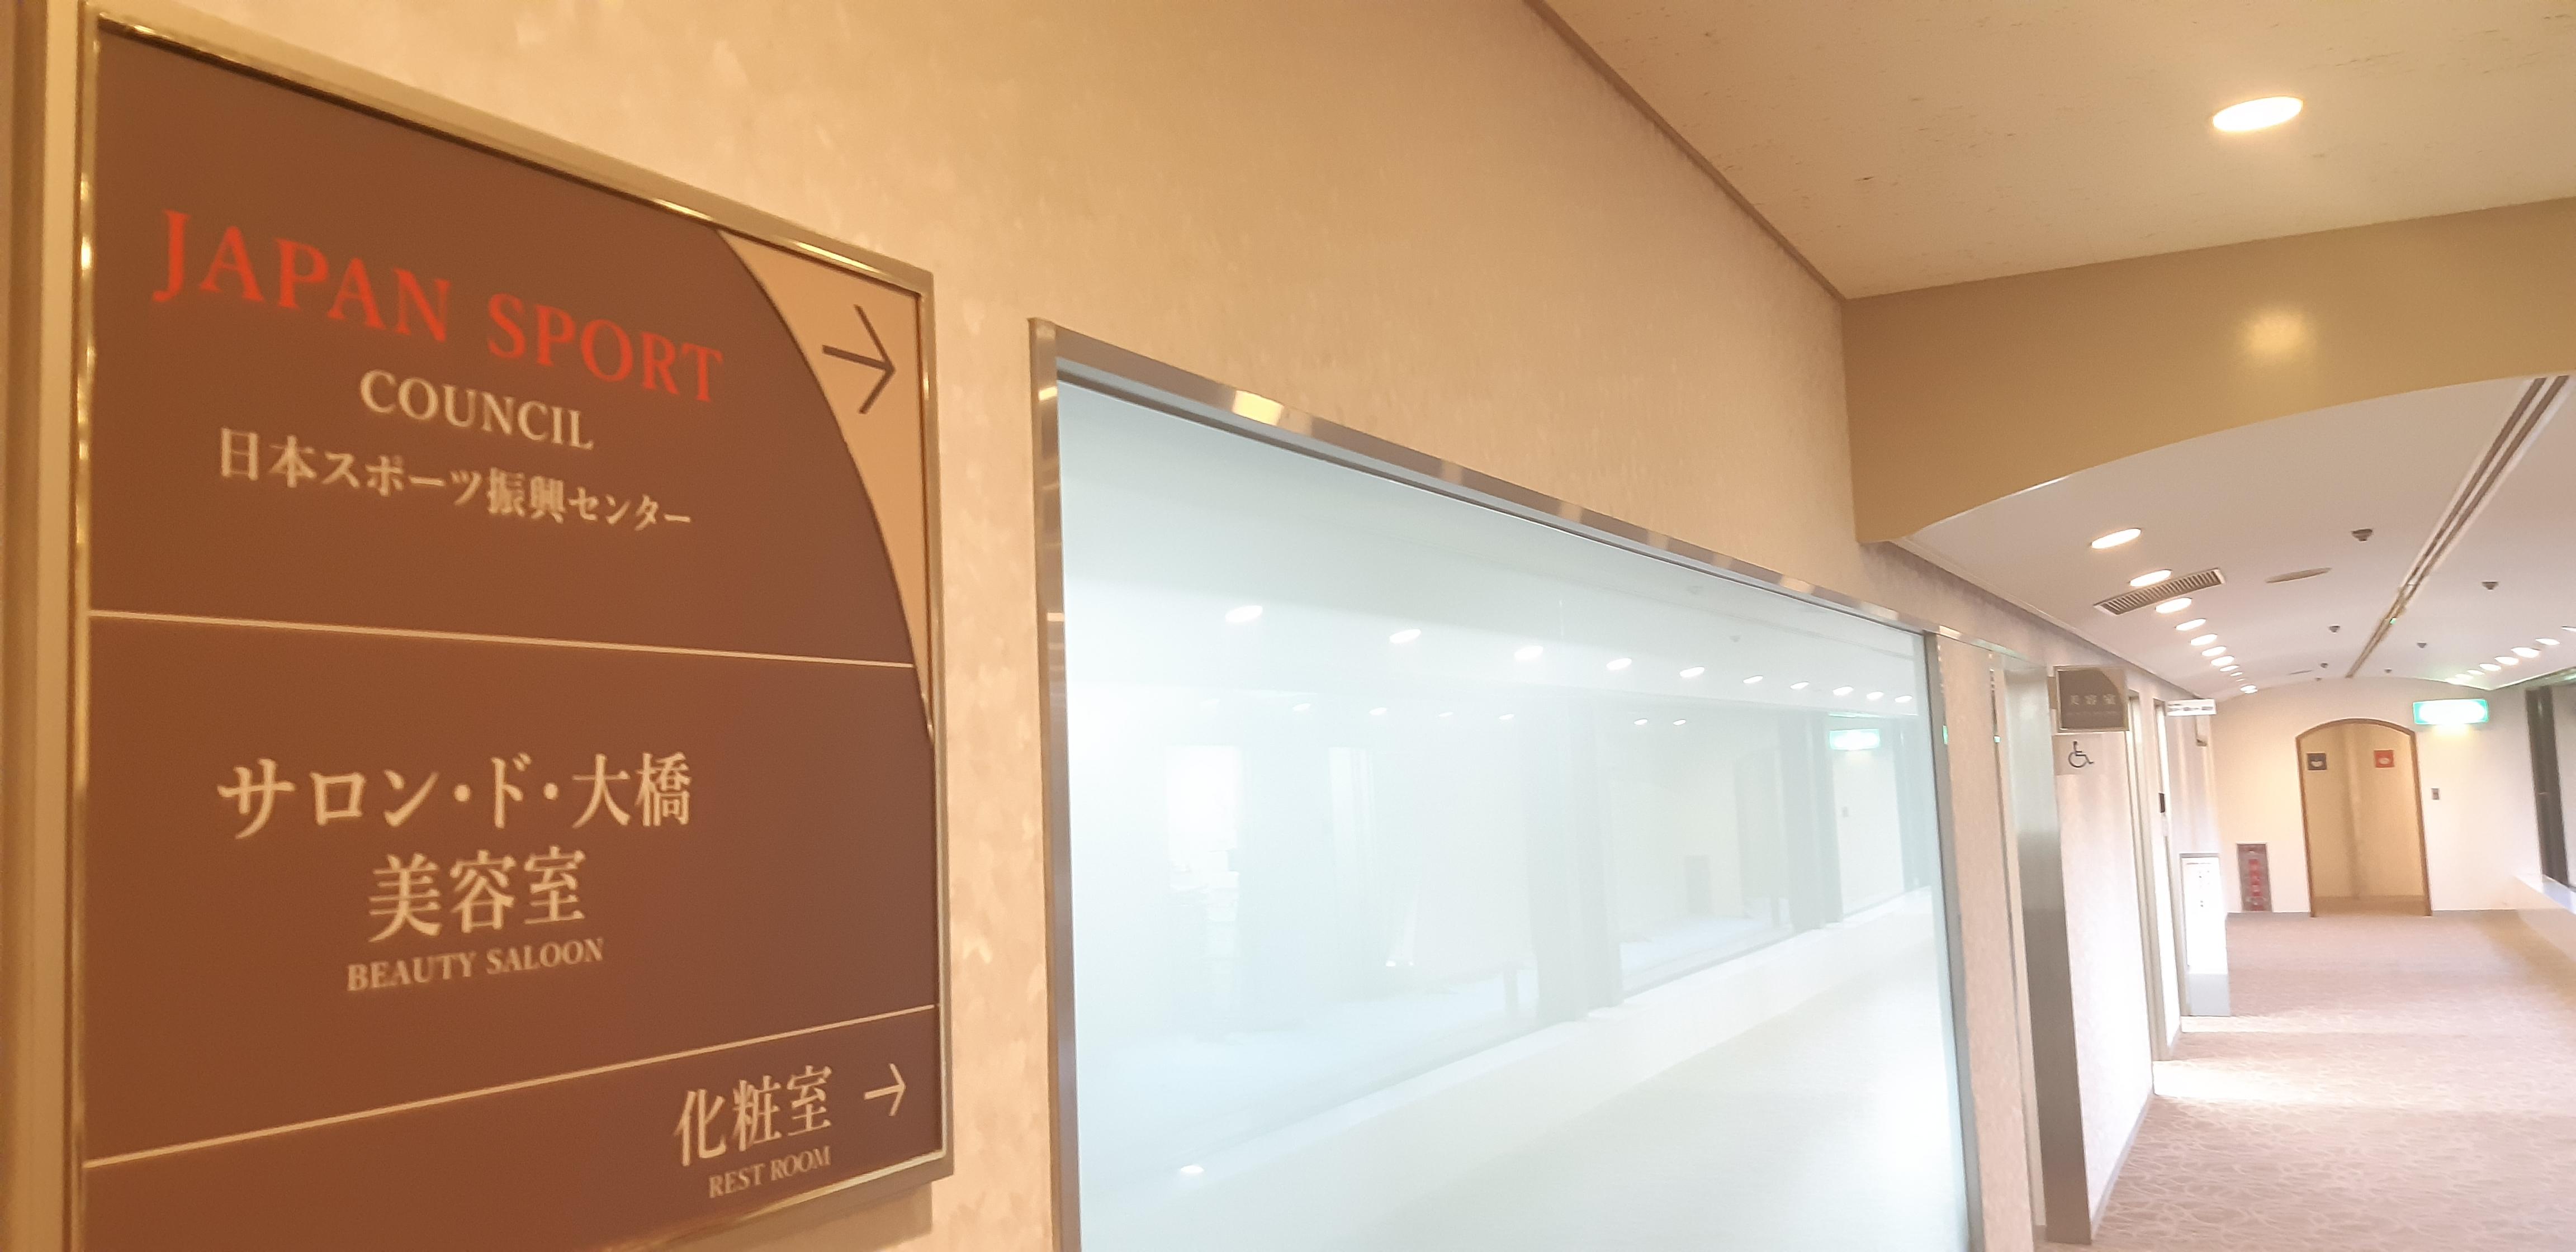 スポーツ 振興 センター 日本